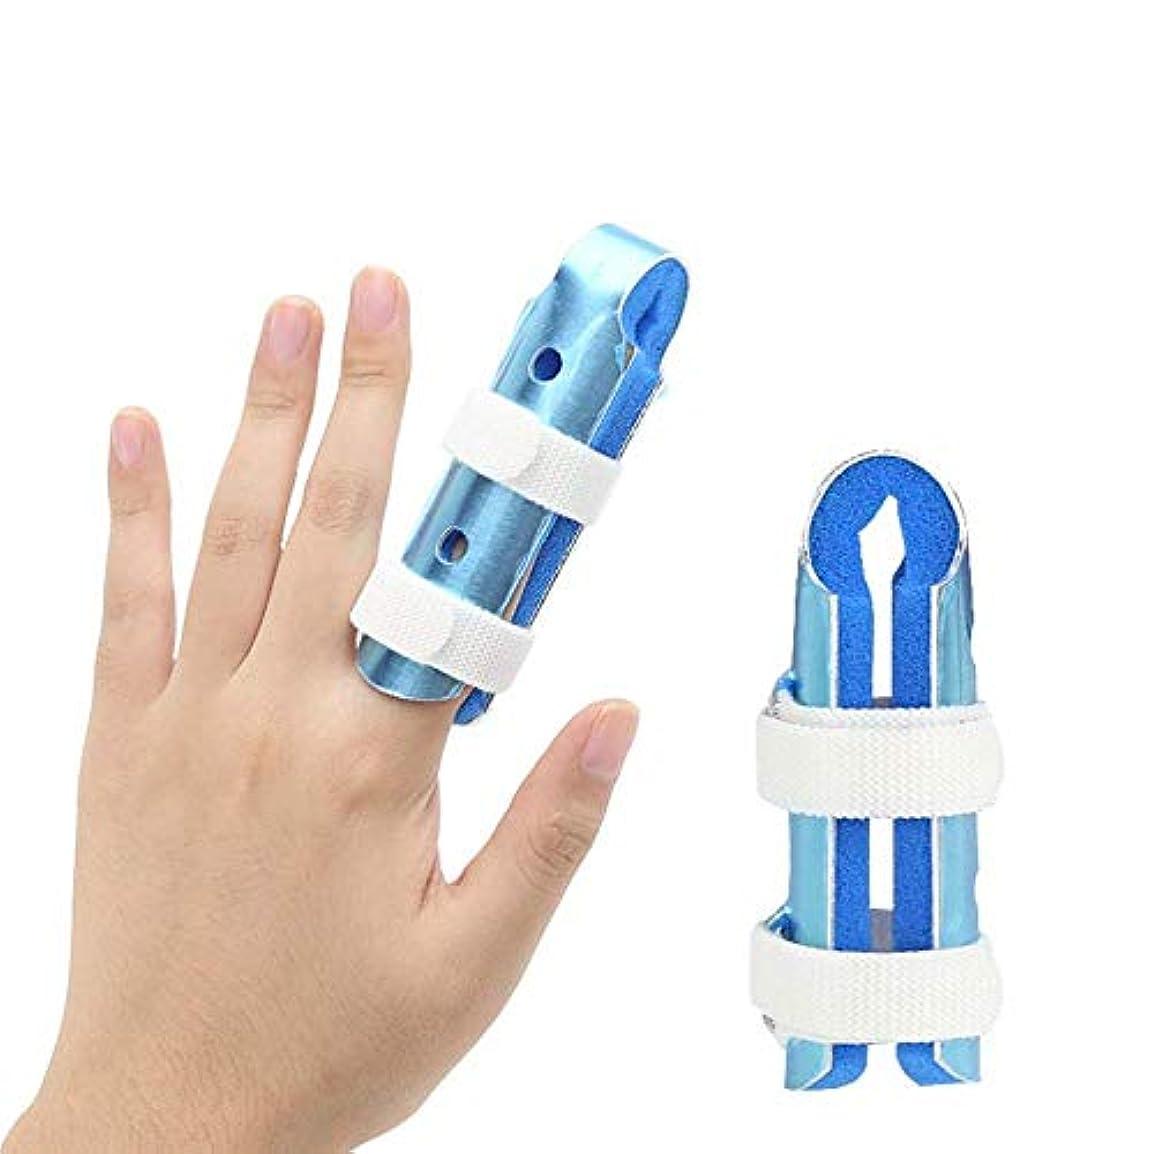 合理的多様なボード指の損傷のサポート、トリガーフィンガースプリントの動きフィンガージョイント装具クラッシュプロテクター,8CM